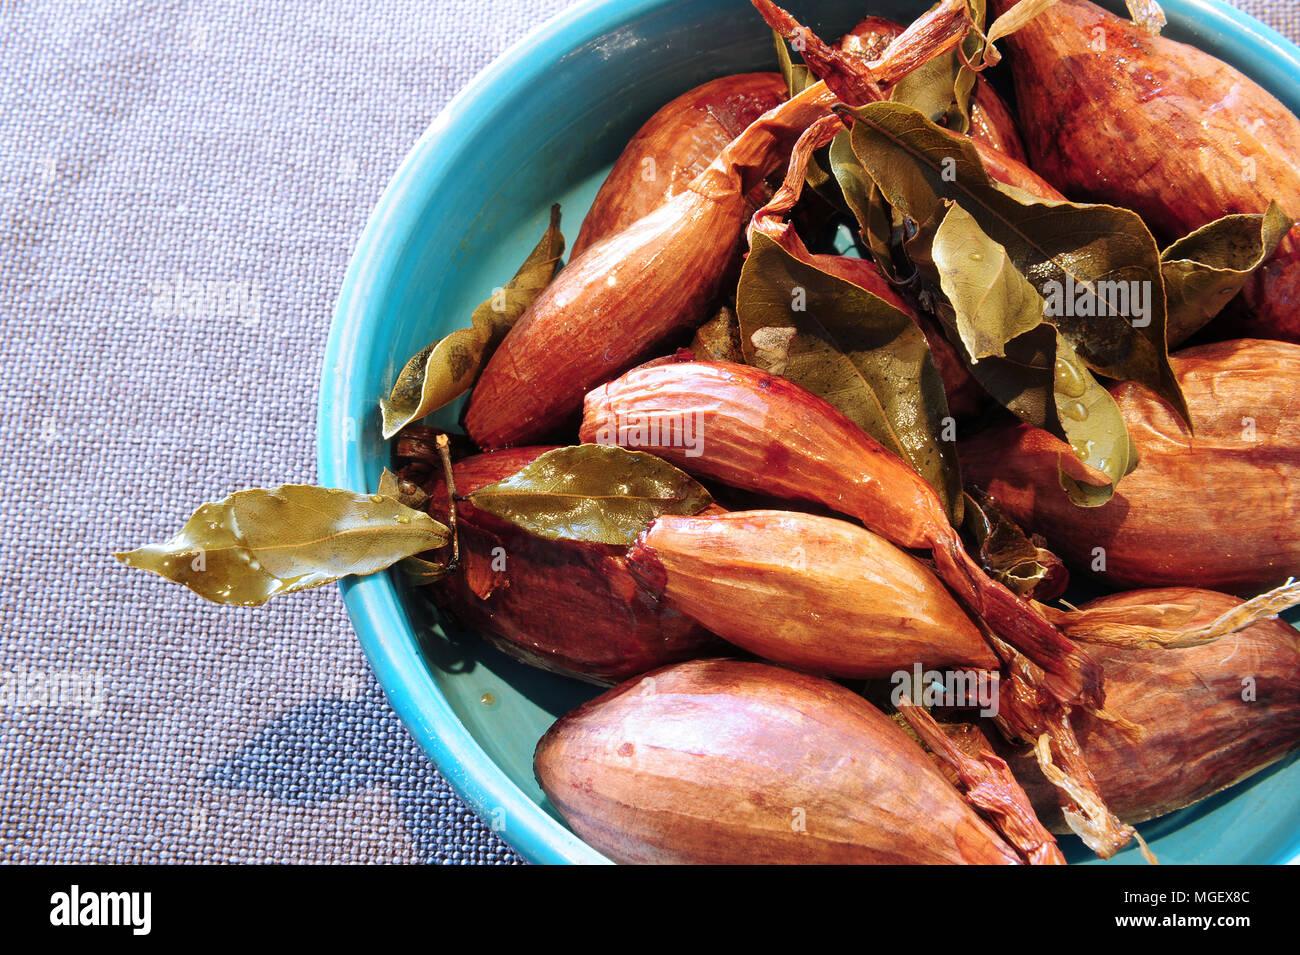 Echalotes confites (candied shallots), La Table du Marais restaurant, La Fresnais, Brittany, France - Stock Image